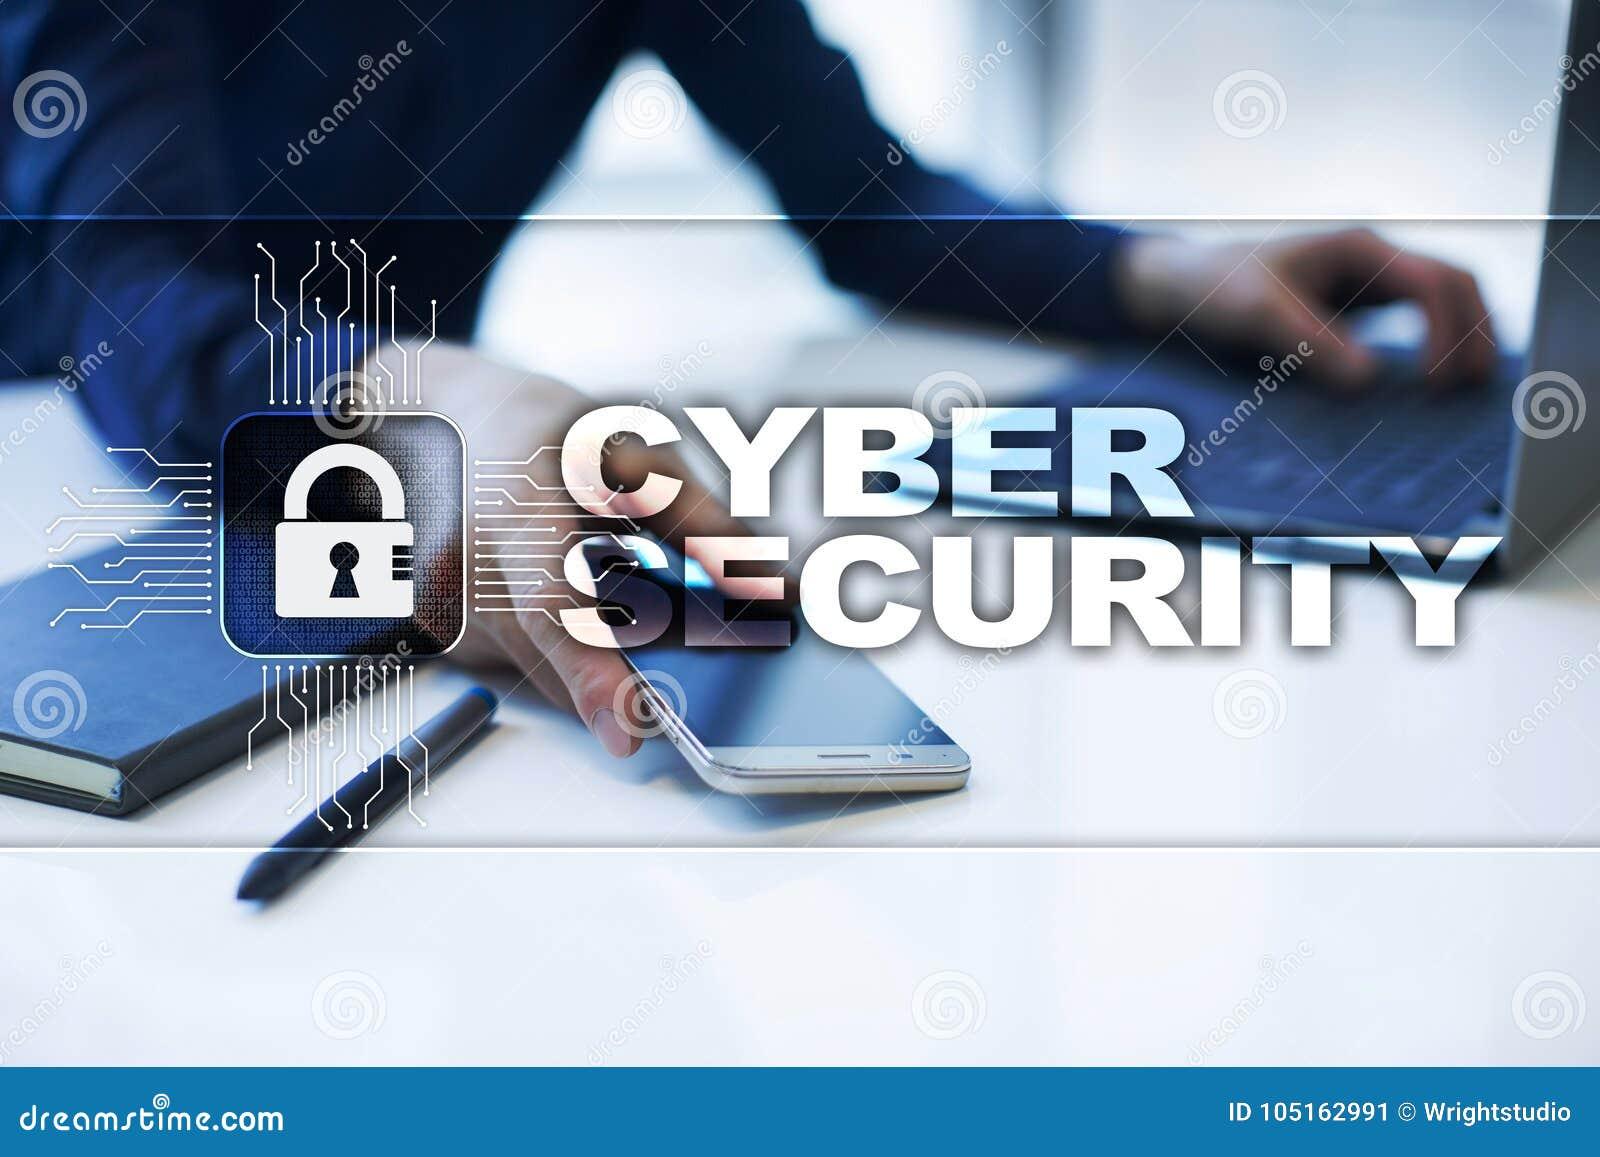 Προστασία Cyber, προστασία δεδομένων, ασφάλεια πληροφοριών και κρυπτογράφηση